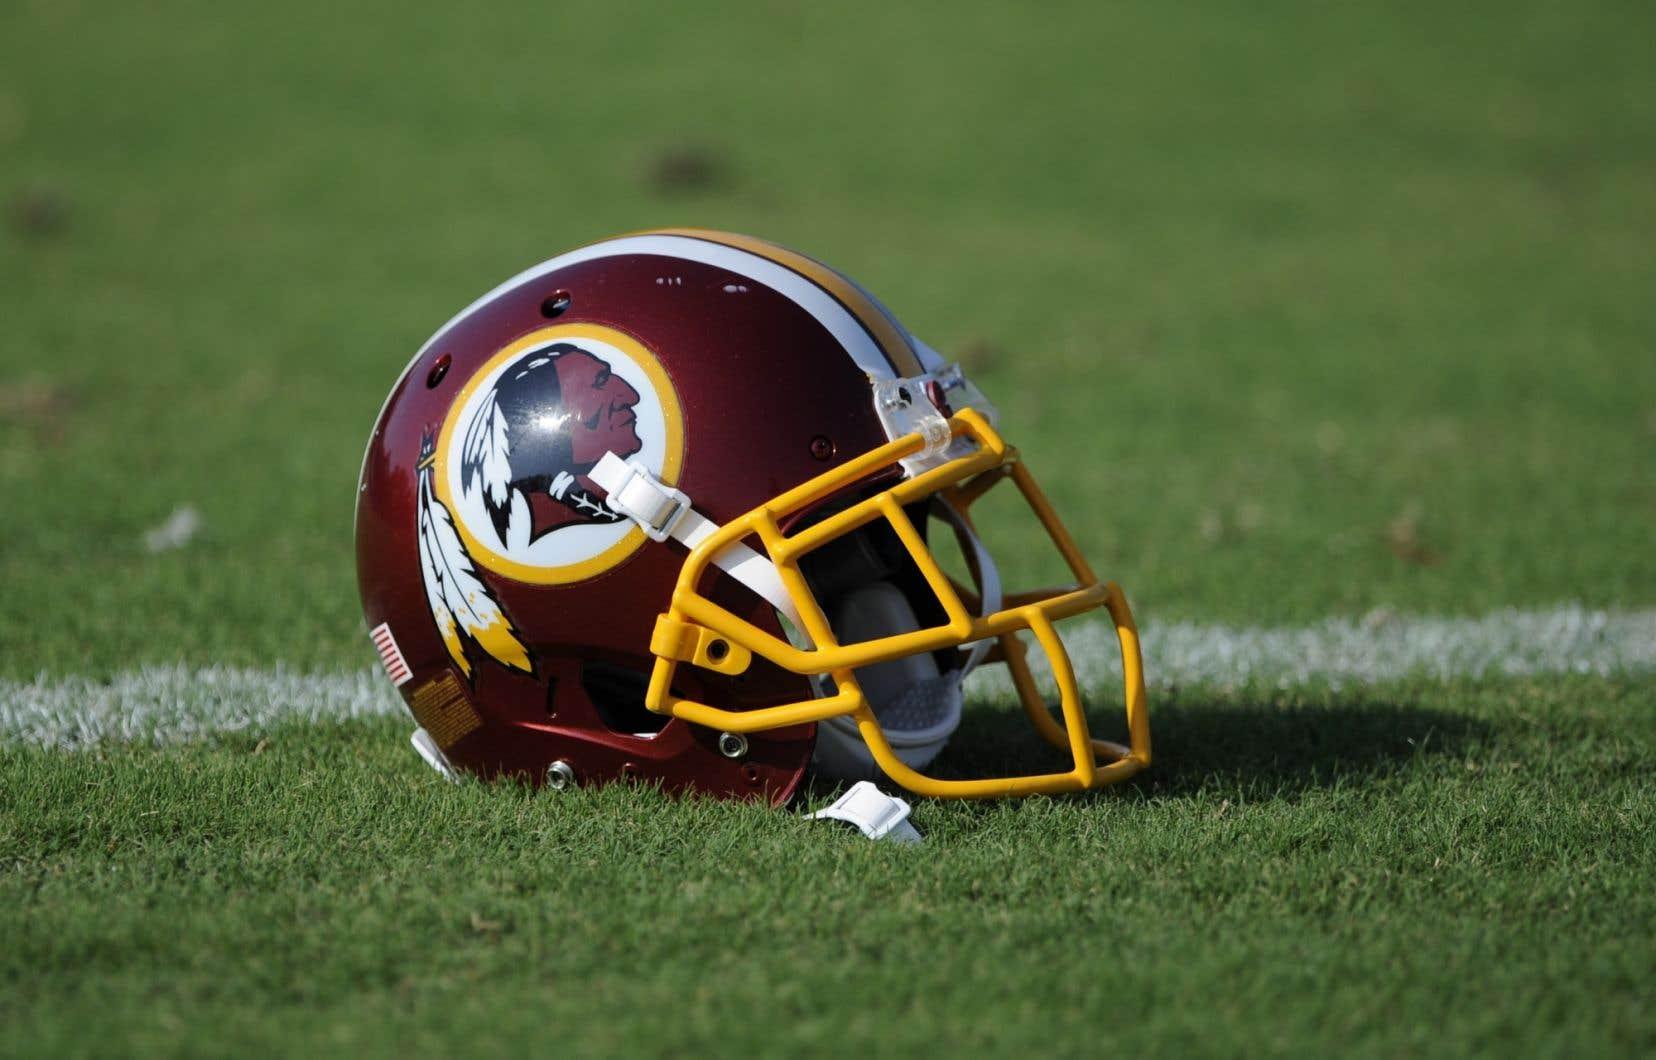 Les dirigeants de l'équipe ont annoncé peu après faire appel, en assurant que cette décision n'avait «aucun effet sur le droit d'utiliser le nom et le logo Redskins».